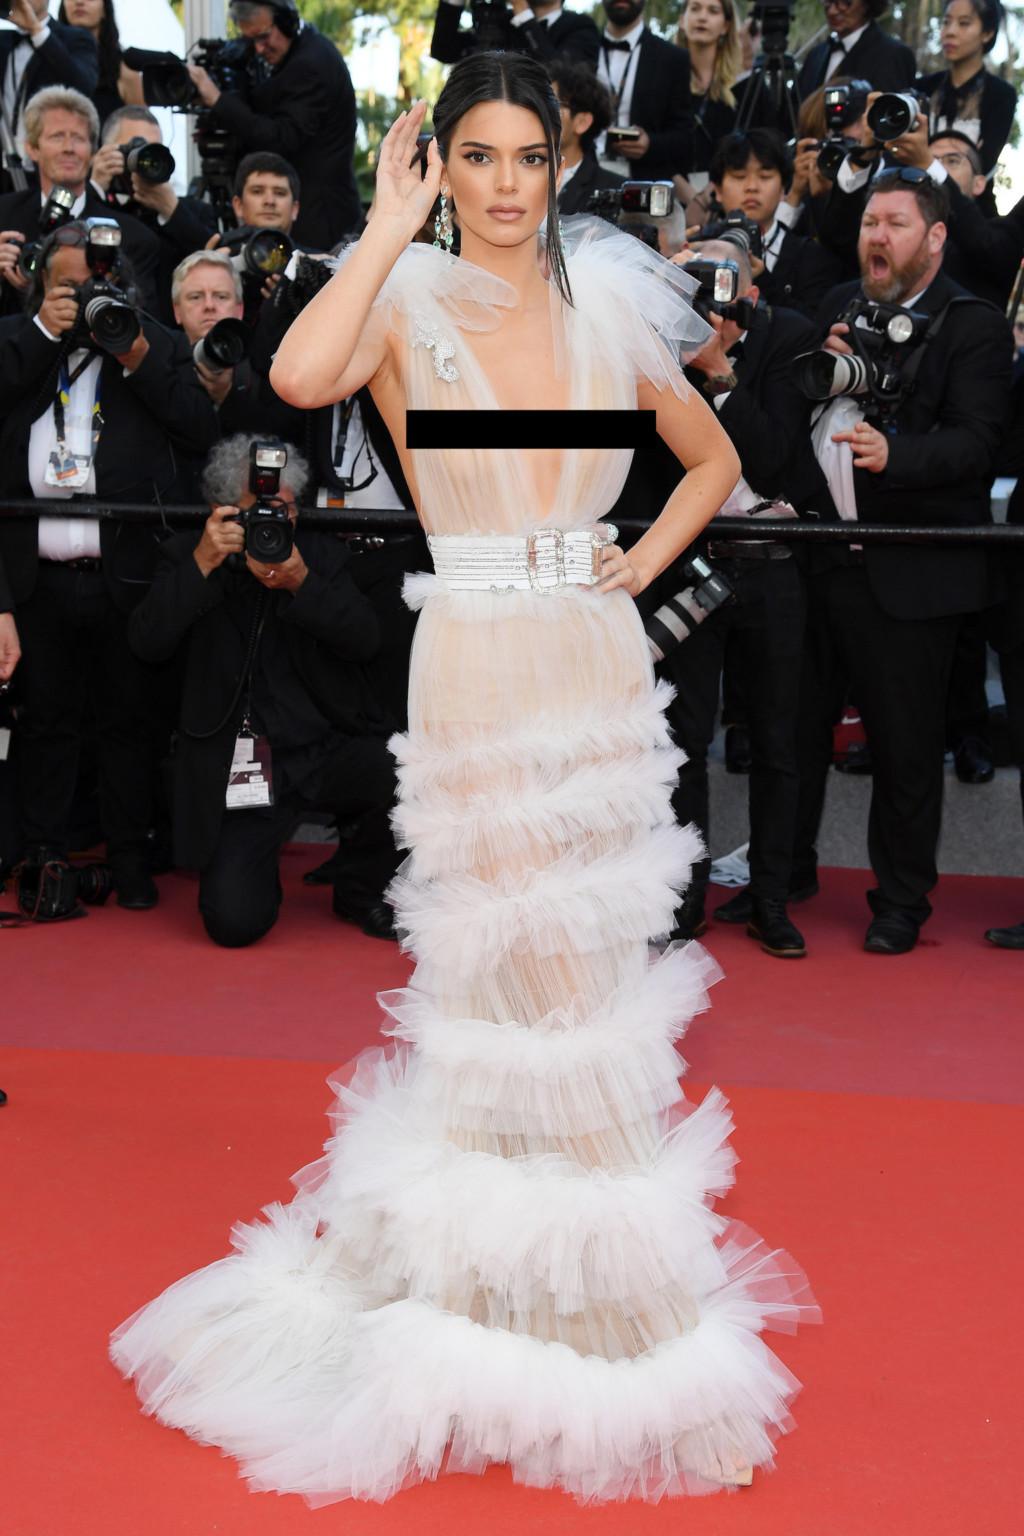 21個坎城影展的「歷屆最美女星」經典穿搭 戴安娜王妃32年無人能超越!